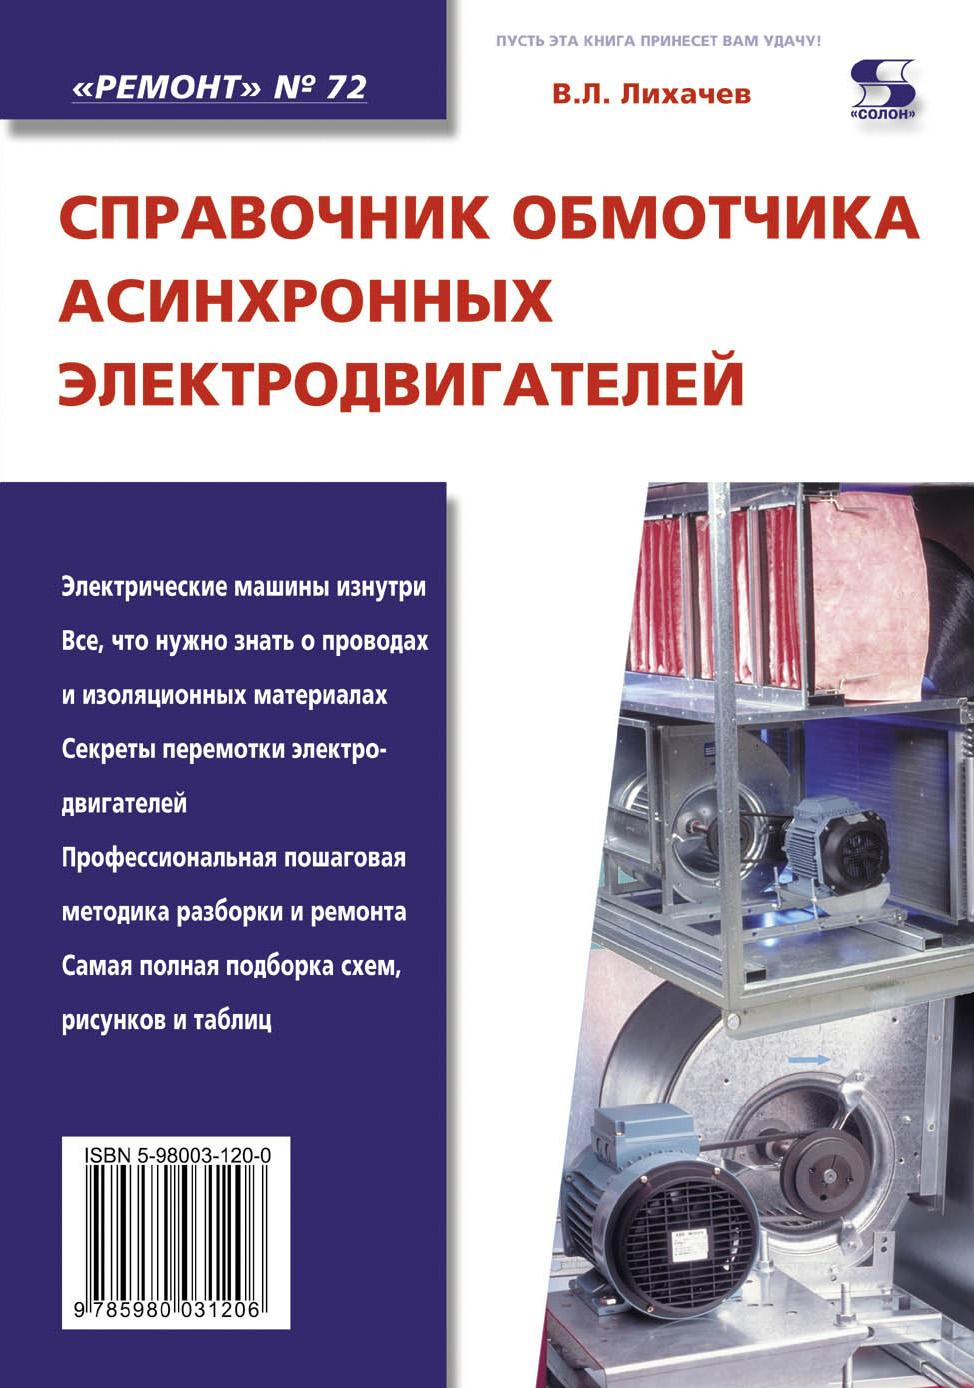 В. Л. Лихачев Справочник обмотчика асинхронных электродвигателей